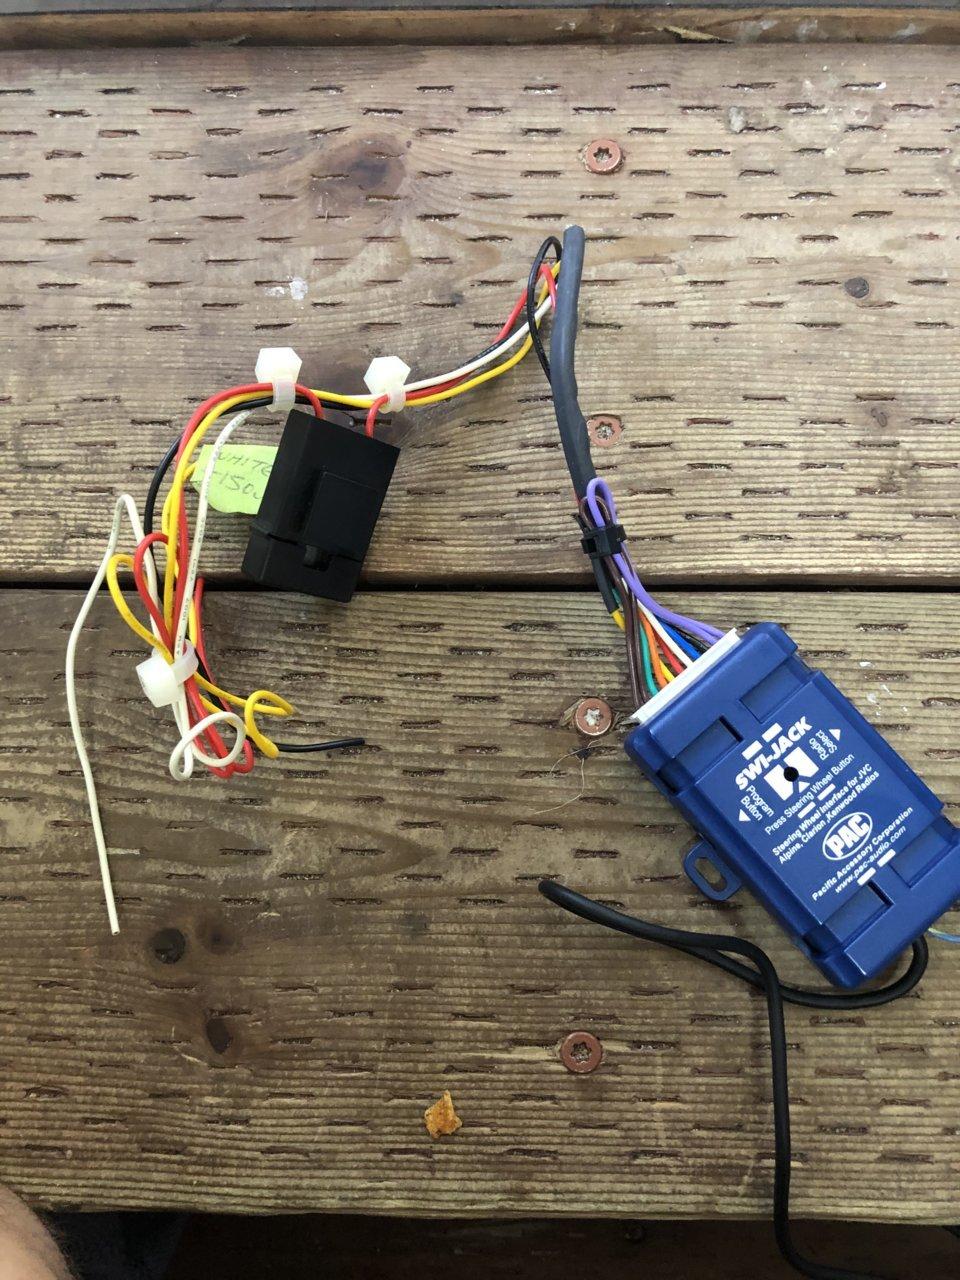 DCD6BDC1-2929-4AD1-8416-C58CADED34A9.jpg